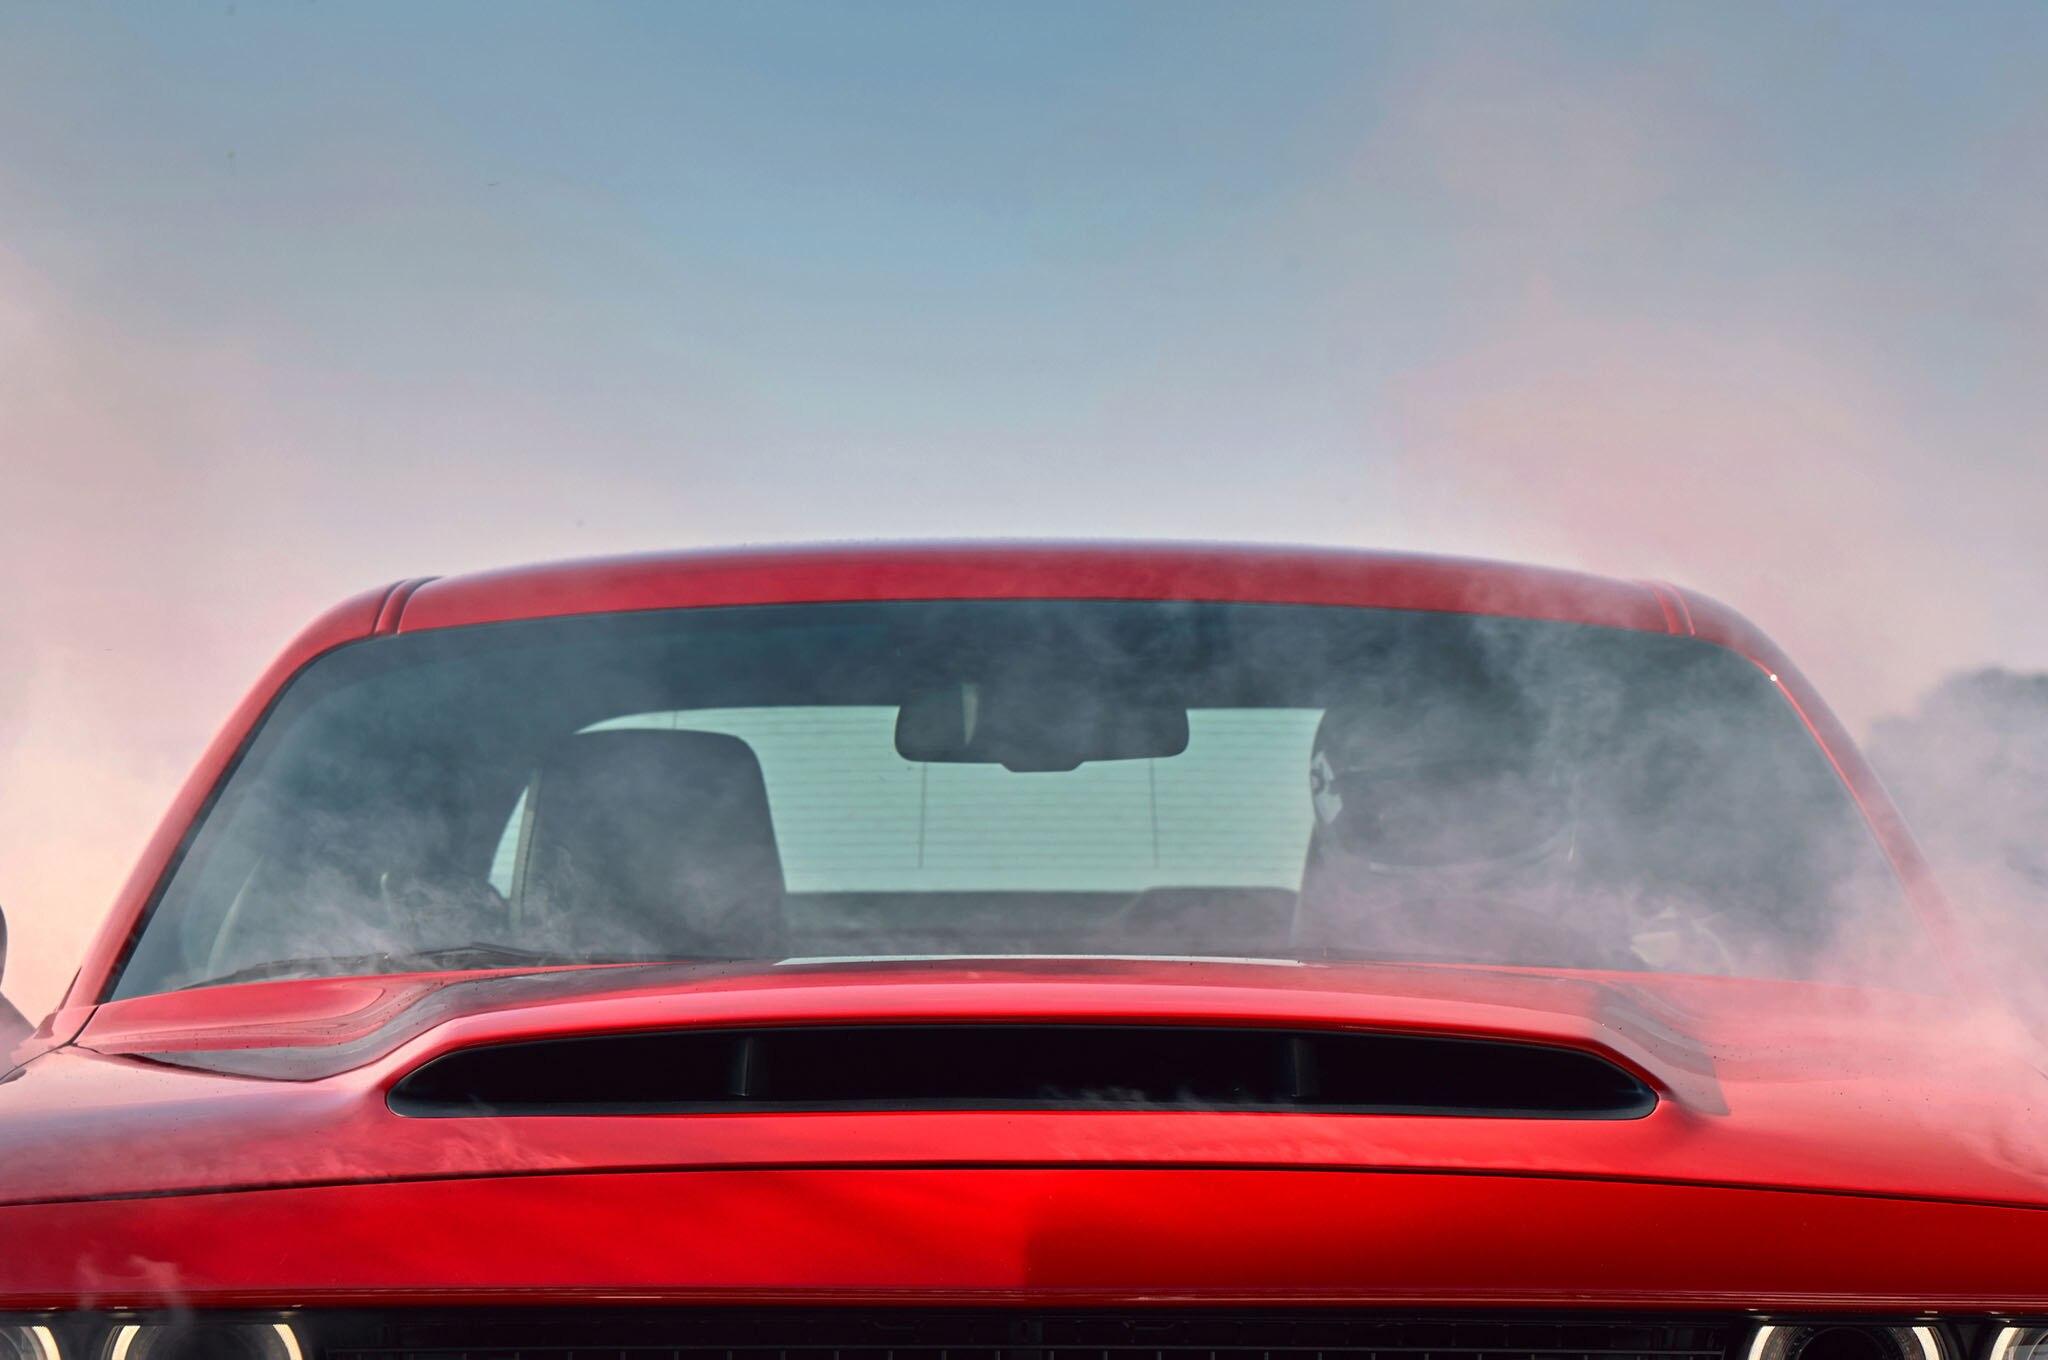 Dodge Challenger Demon Teaser Air Intake Hood on Dodge 4 7 Supercharger